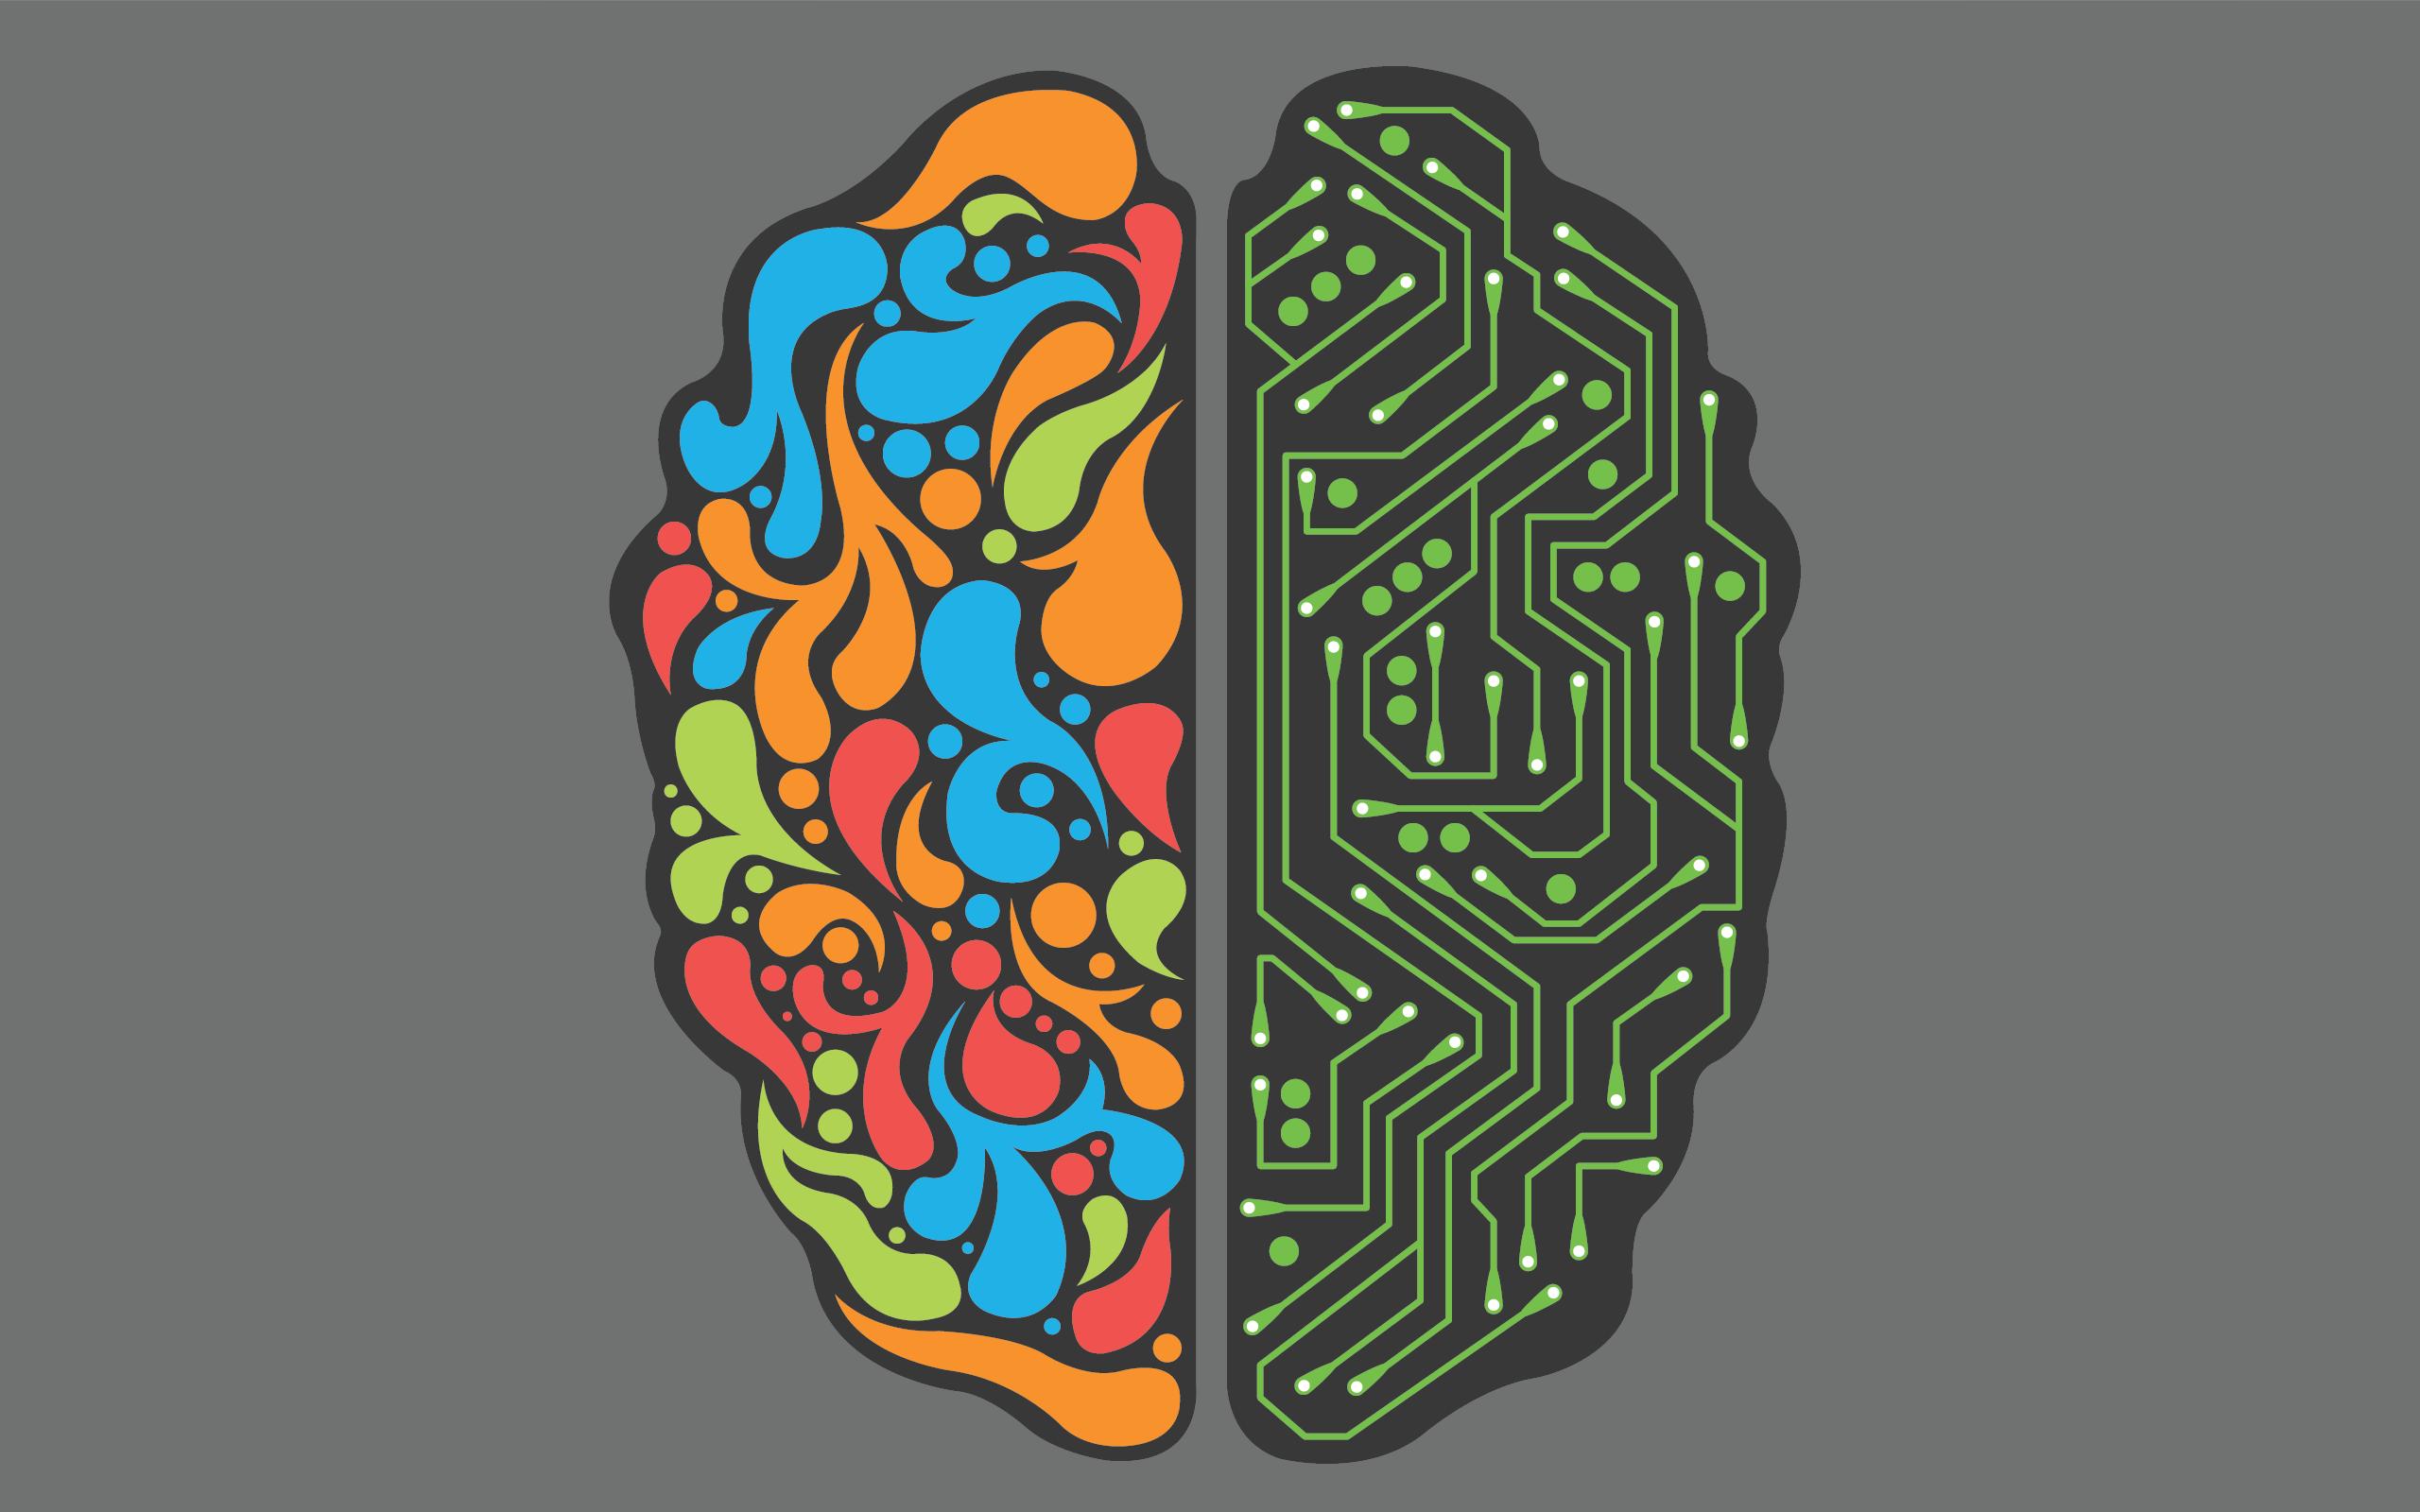 Top 10 brain-damaging habits